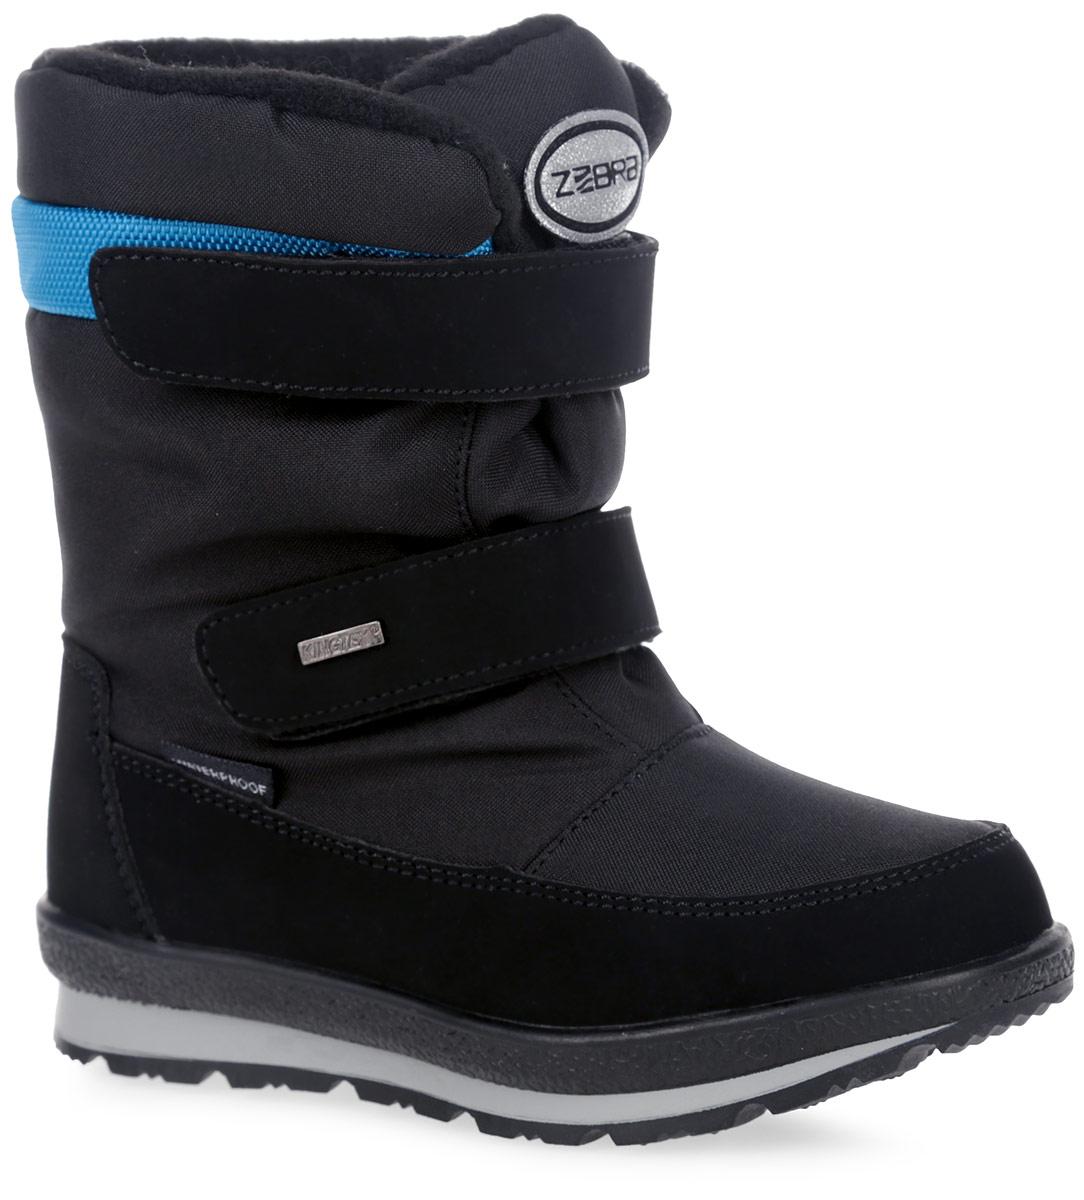 Полусапоги детские Зебра, цвет: черный. 11048-1. Размер 3511048-1Полусапоги от Зебра выполнены из текстиля и искусственных материалов. Застежки-липучки надежно фиксируют изделие на ноге. Мягкая подкладка и стелька из шерсти обеспечивают тепло, циркуляцию воздуха и сохраняют комфортный микроклимат в обуви.